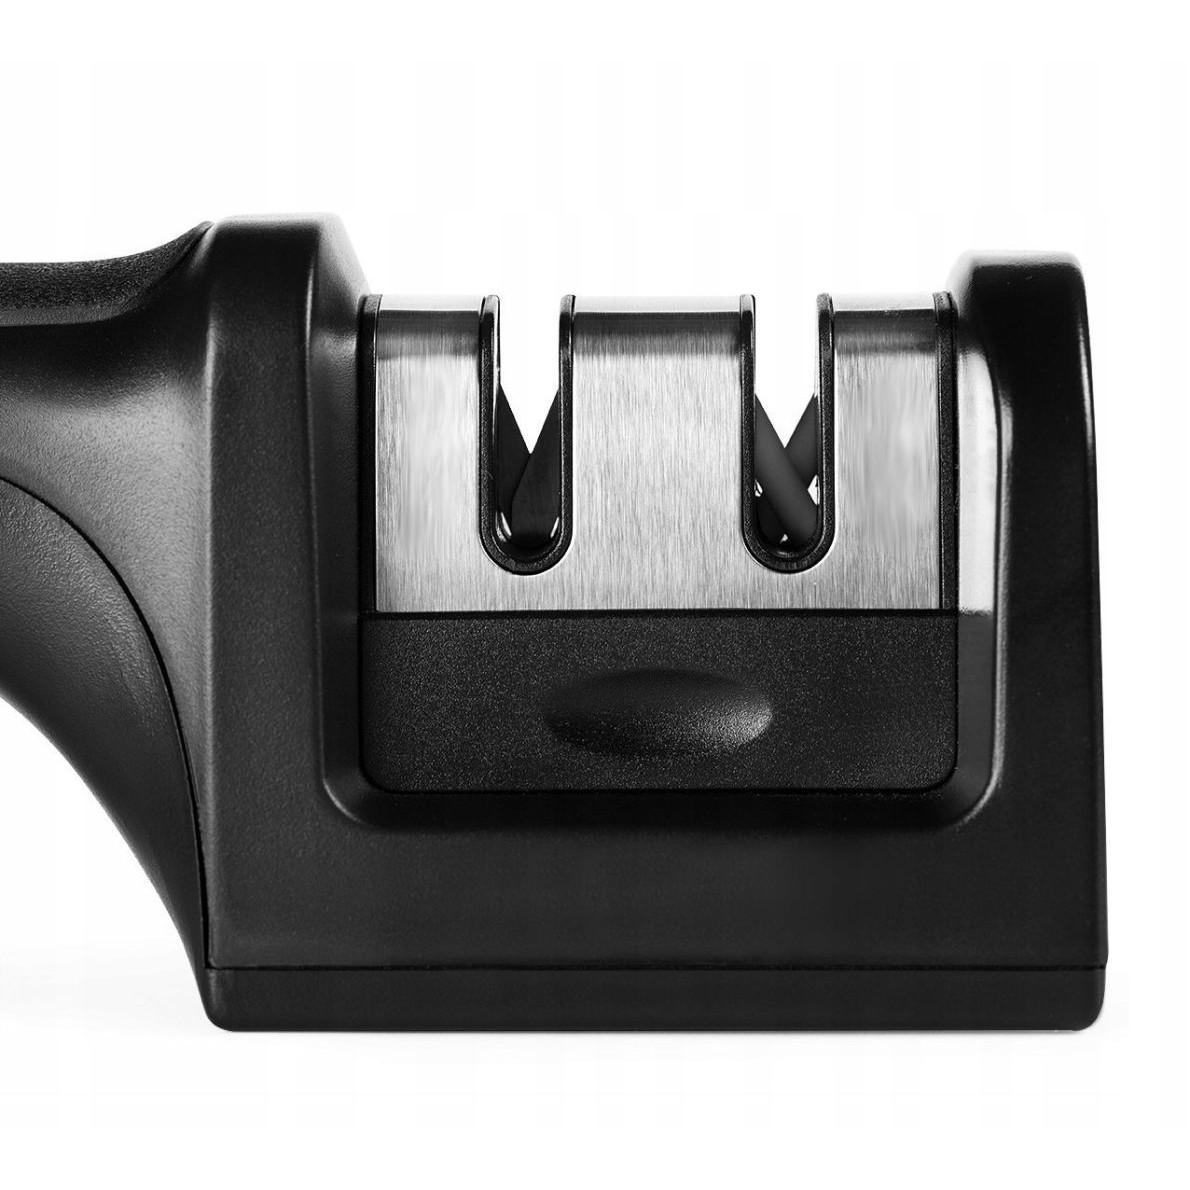 brúska na nože dvojfázová Gerlach NK 606 megamix.shop